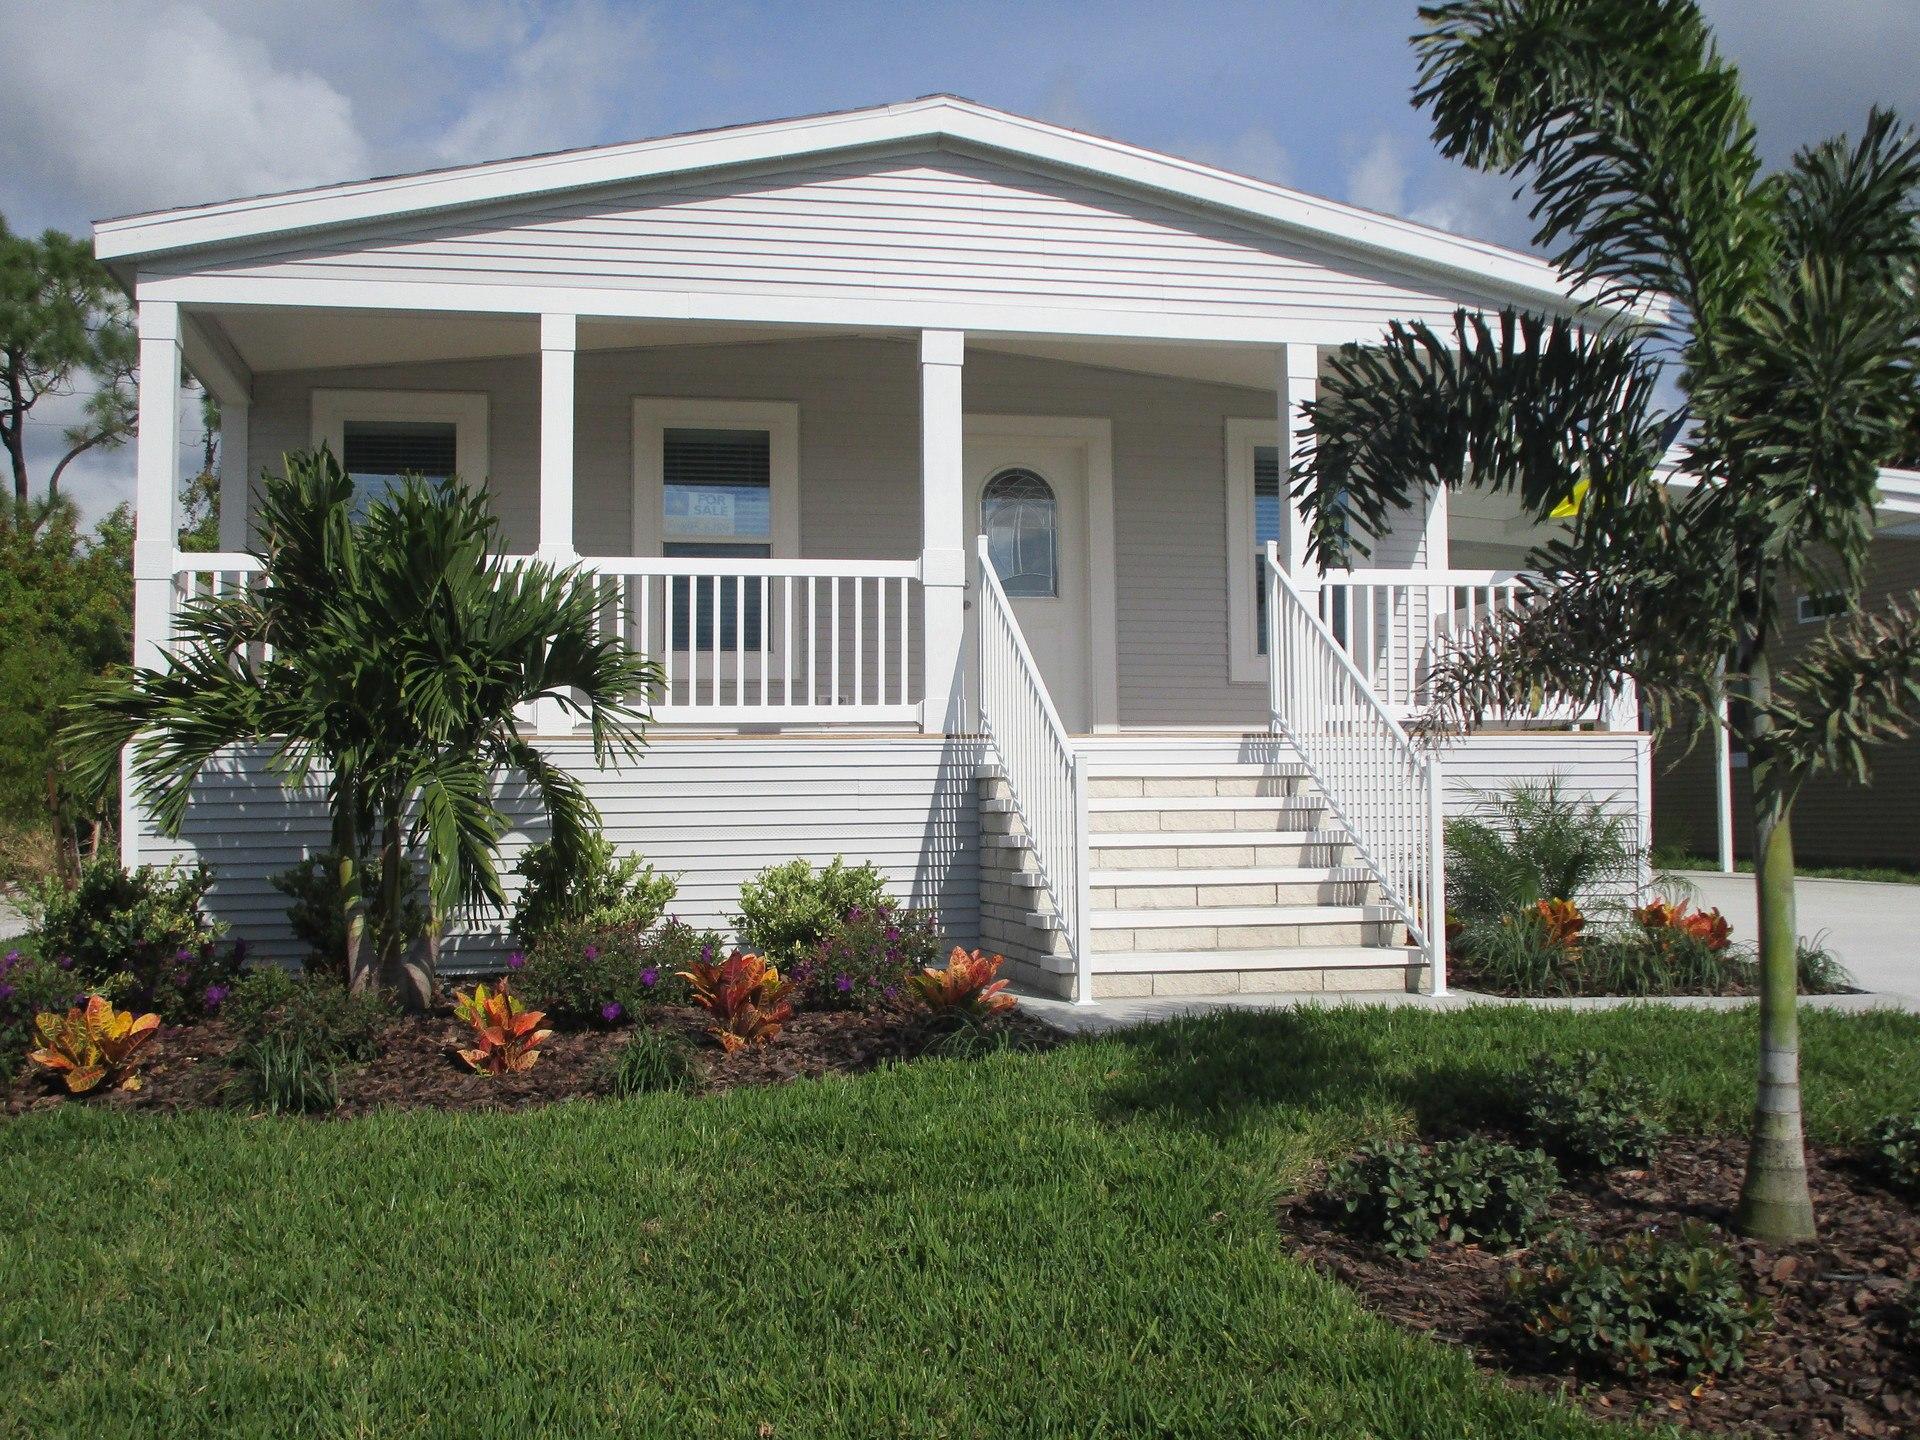 1104 West Lakeview Drive Plan Sebastian Fl 32958 2 Bed 2